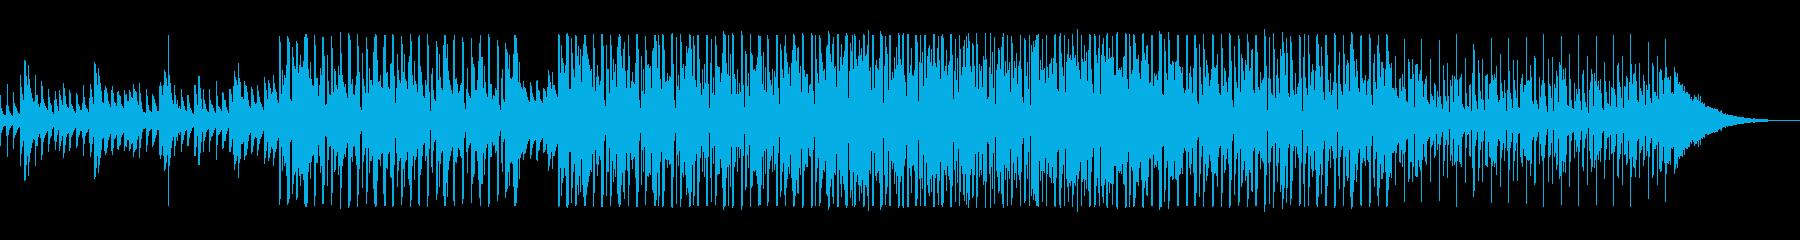 ダークな印象のEDMの再生済みの波形